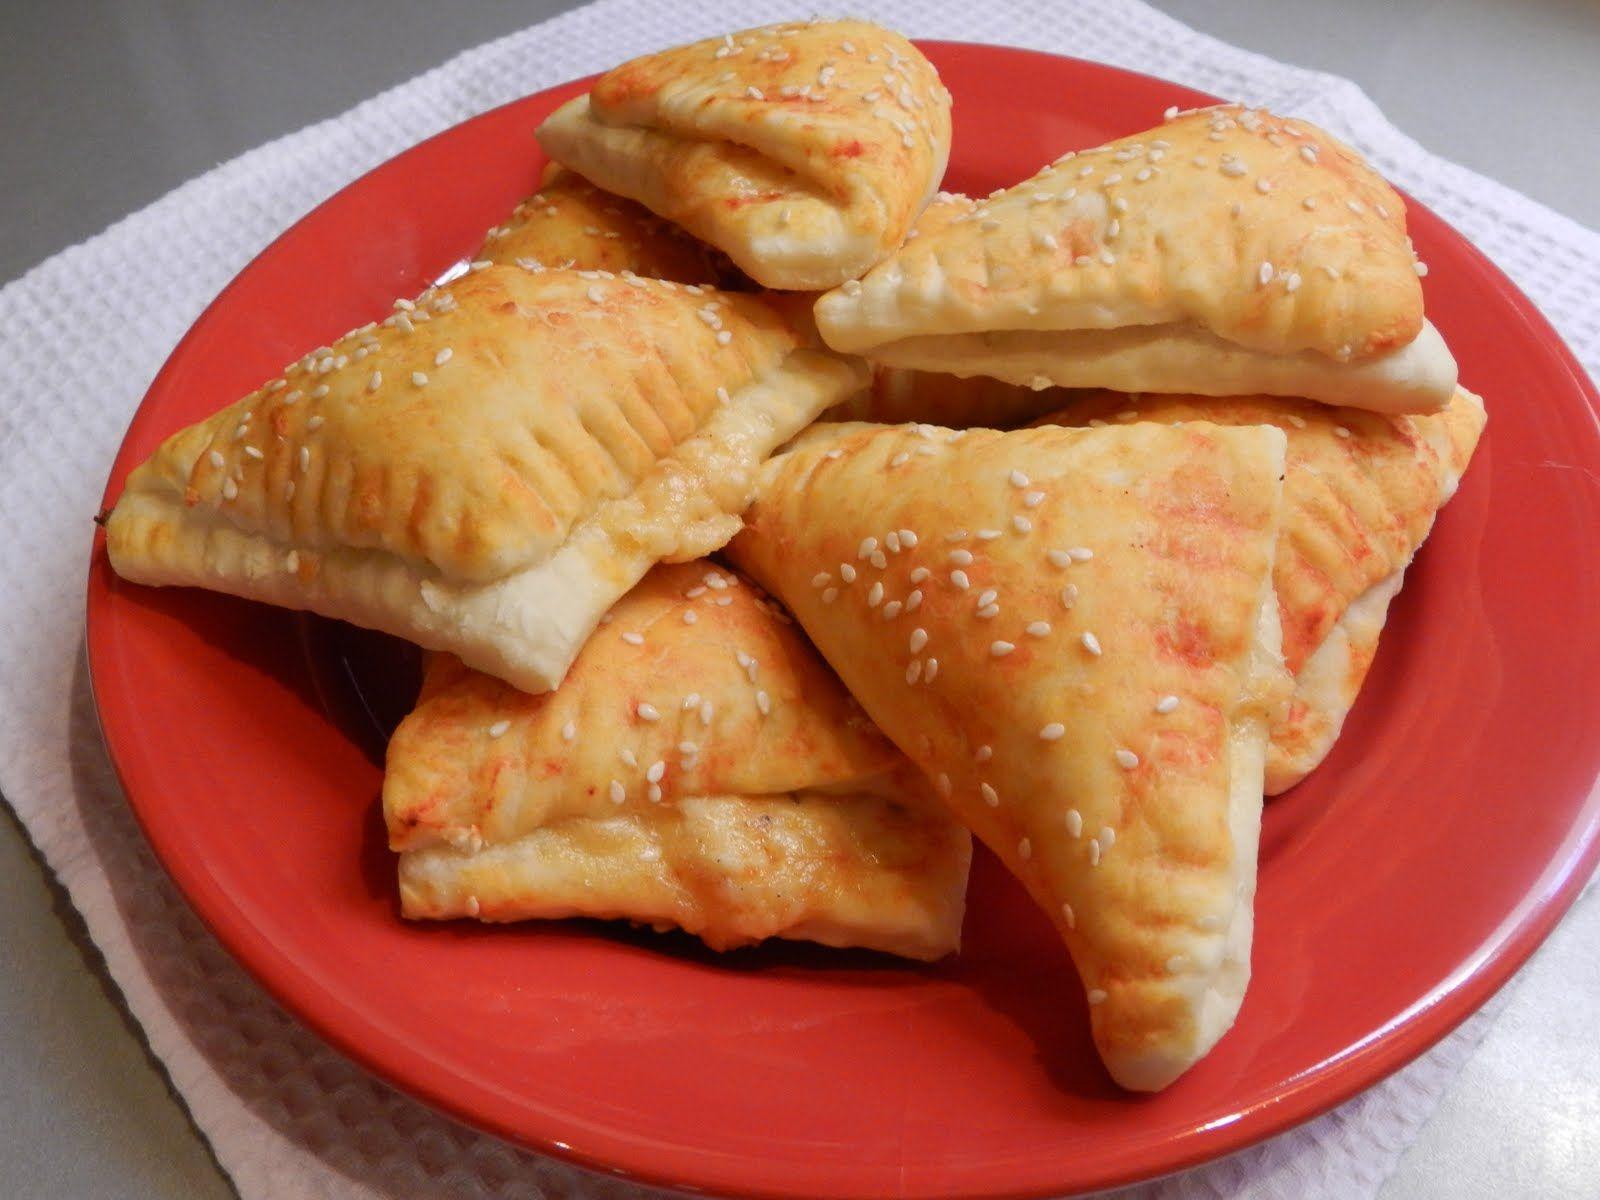 Lacto ovo vegetarian kitchen triunghiuri cu branza food drinks lacto ovo vegetarian kitchen triunghiuri cu branza forumfinder Choice Image